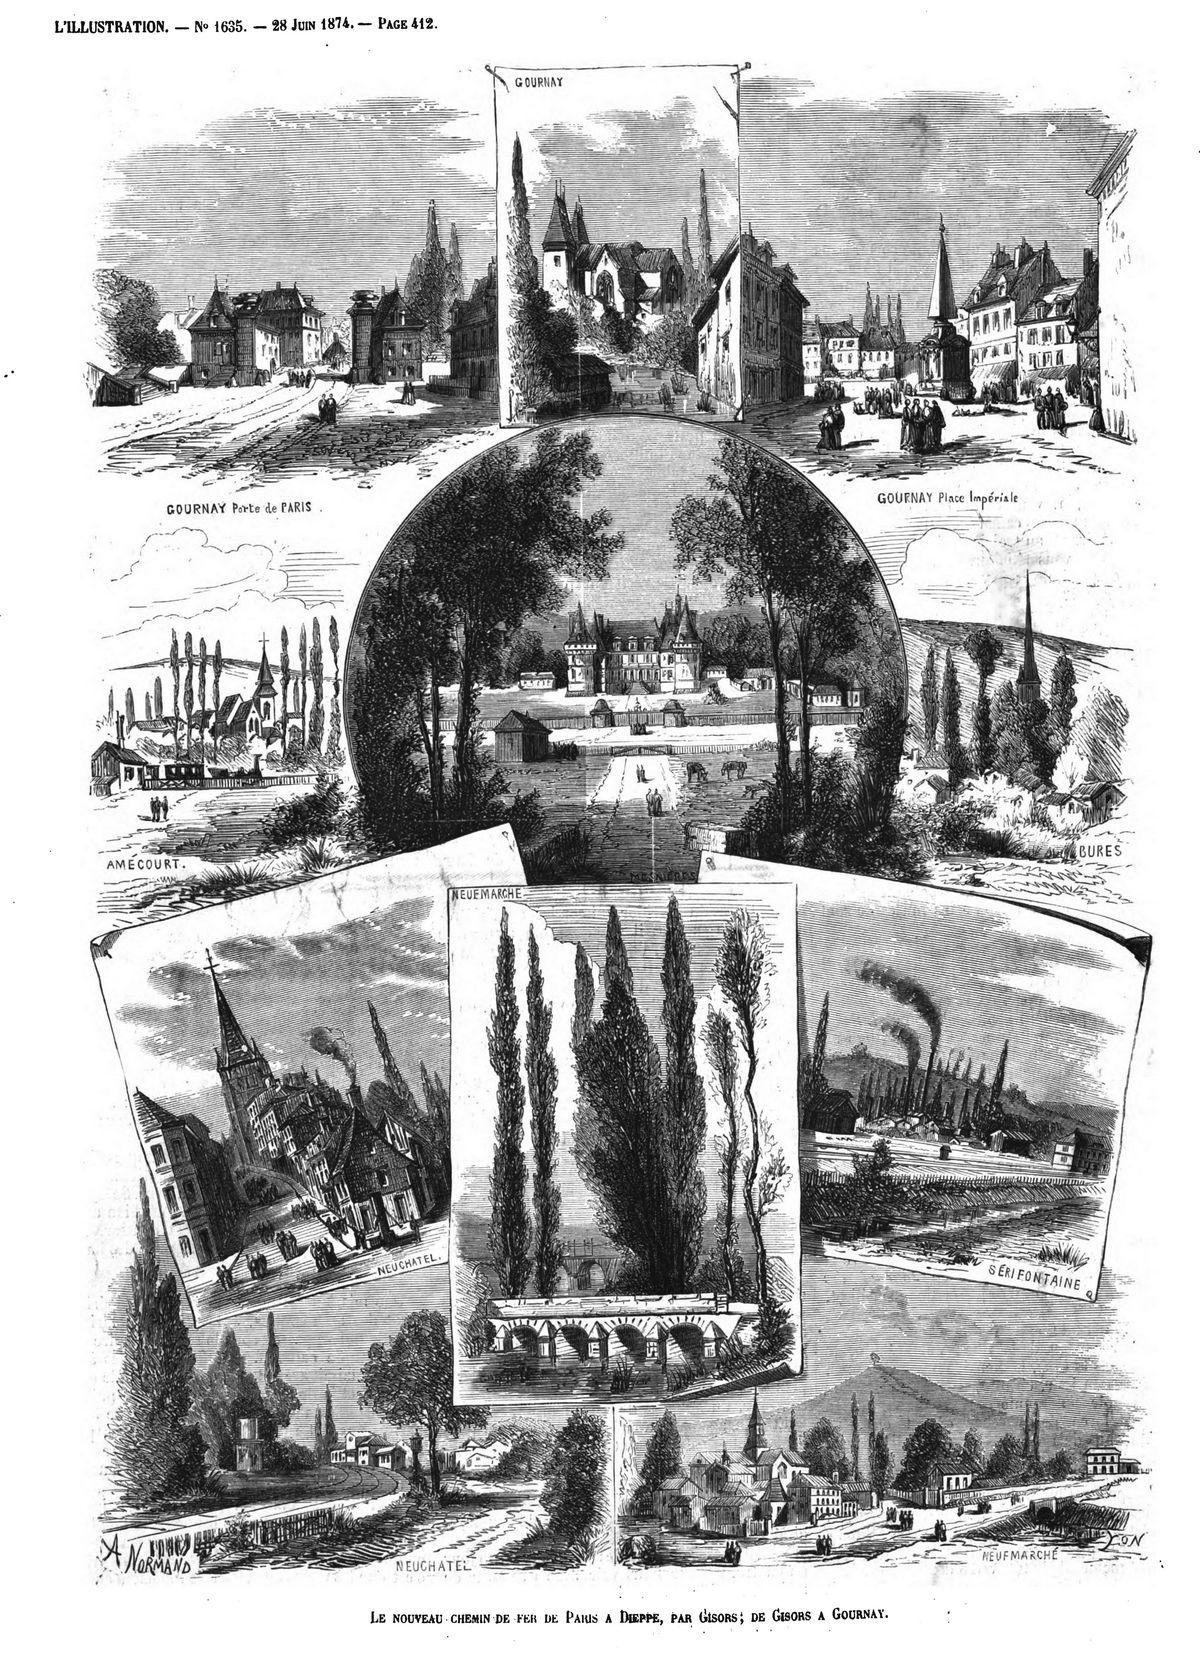 Le nouveau chemin de fer de Paris à Dieppe, par Gisors: de Gisors à Gournay. (gravure 1874)